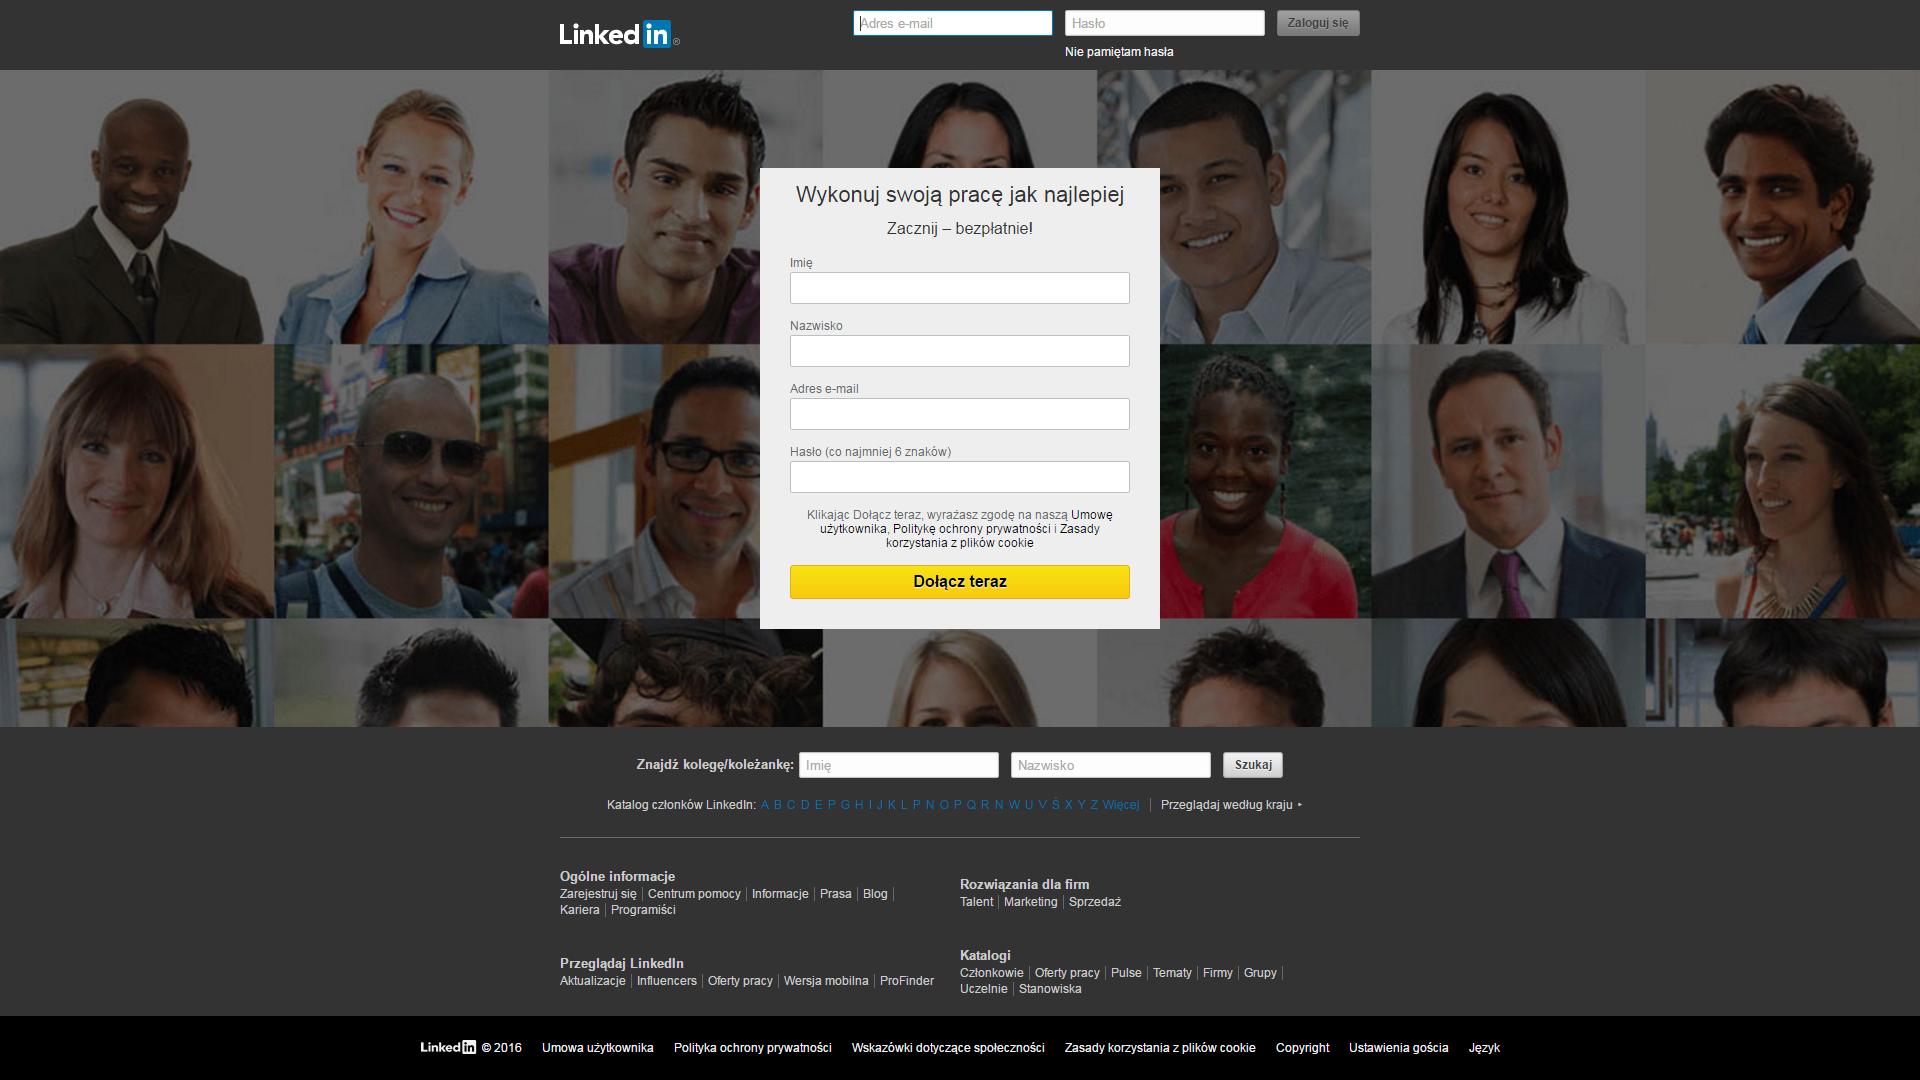 Micosoft kupi Linkedina za 26 mld dol.